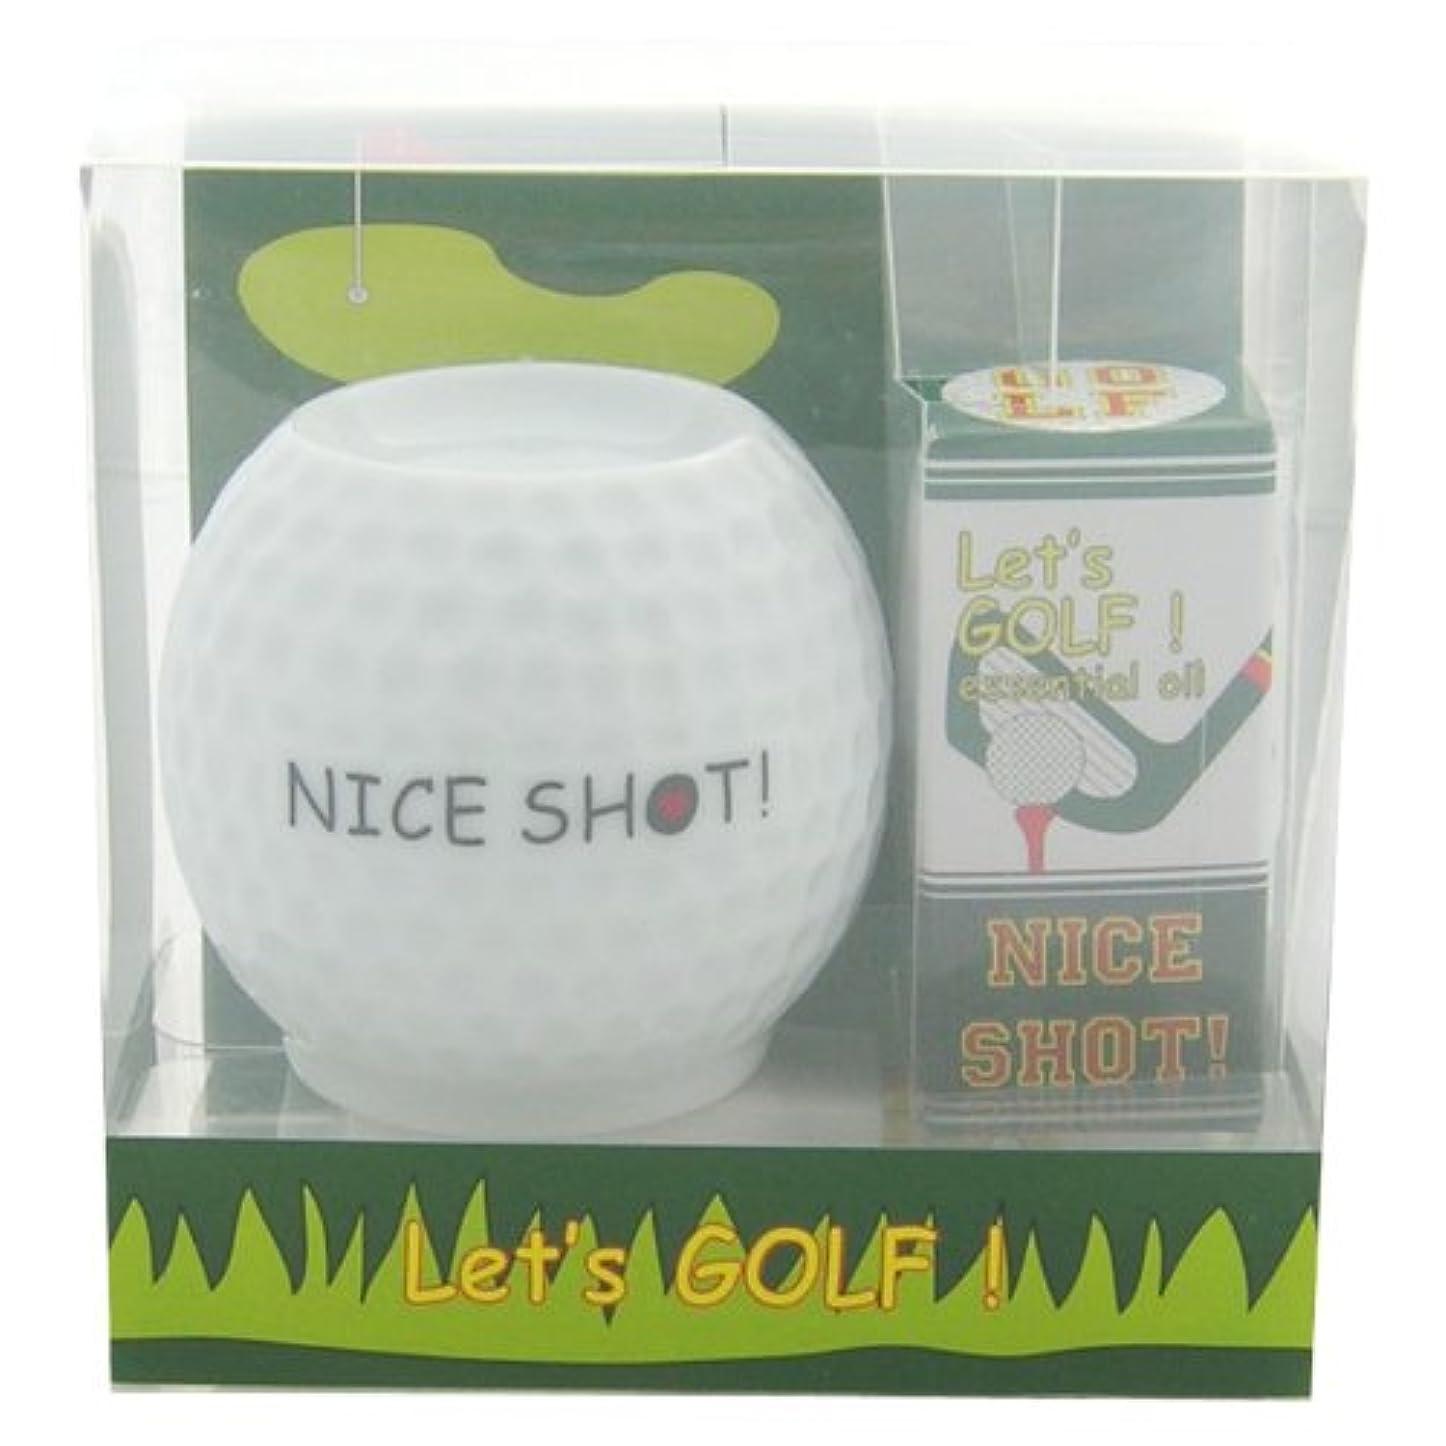 お世話になったプレゼンテーション第二にフリート レッツ ゴルフ! アロマライトセット ナイスショット! 4ml